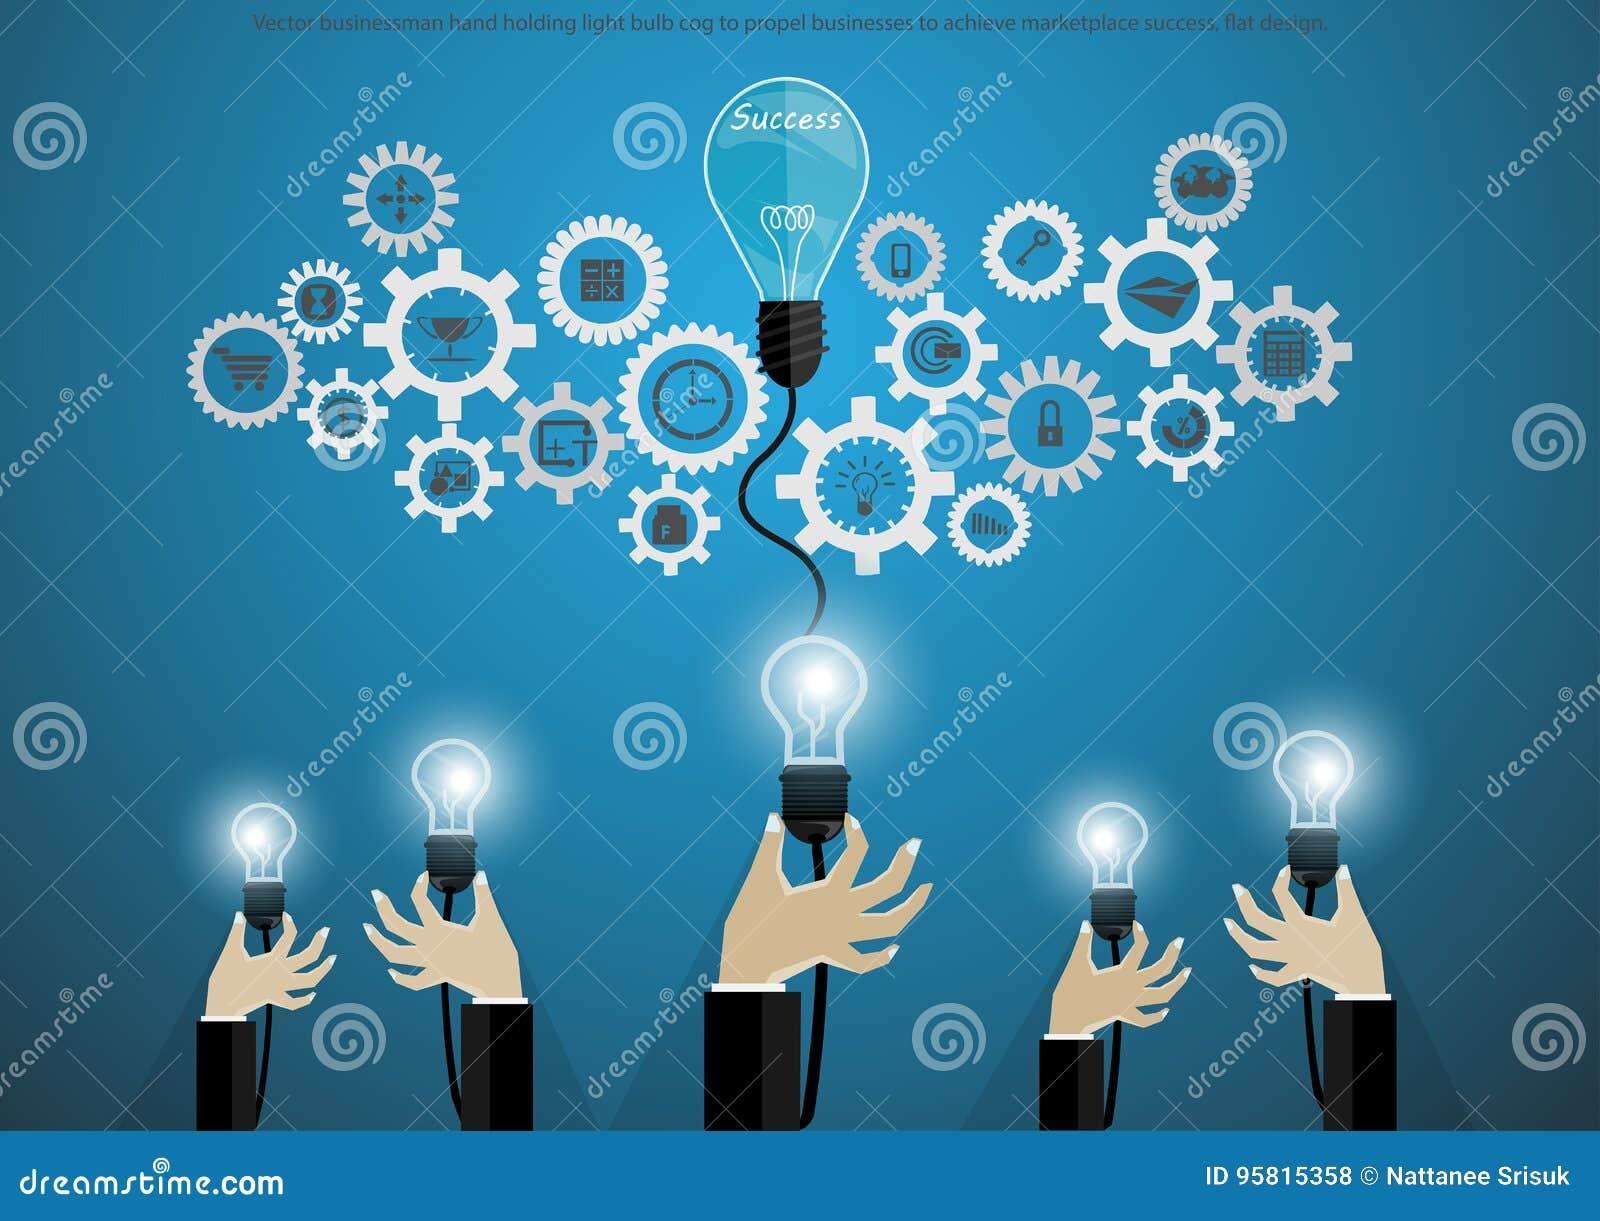 Wektorowy biznesmen ręki mienia żarówki cog napędzać biznesy dokonywać rynku sukces, płaski projekt